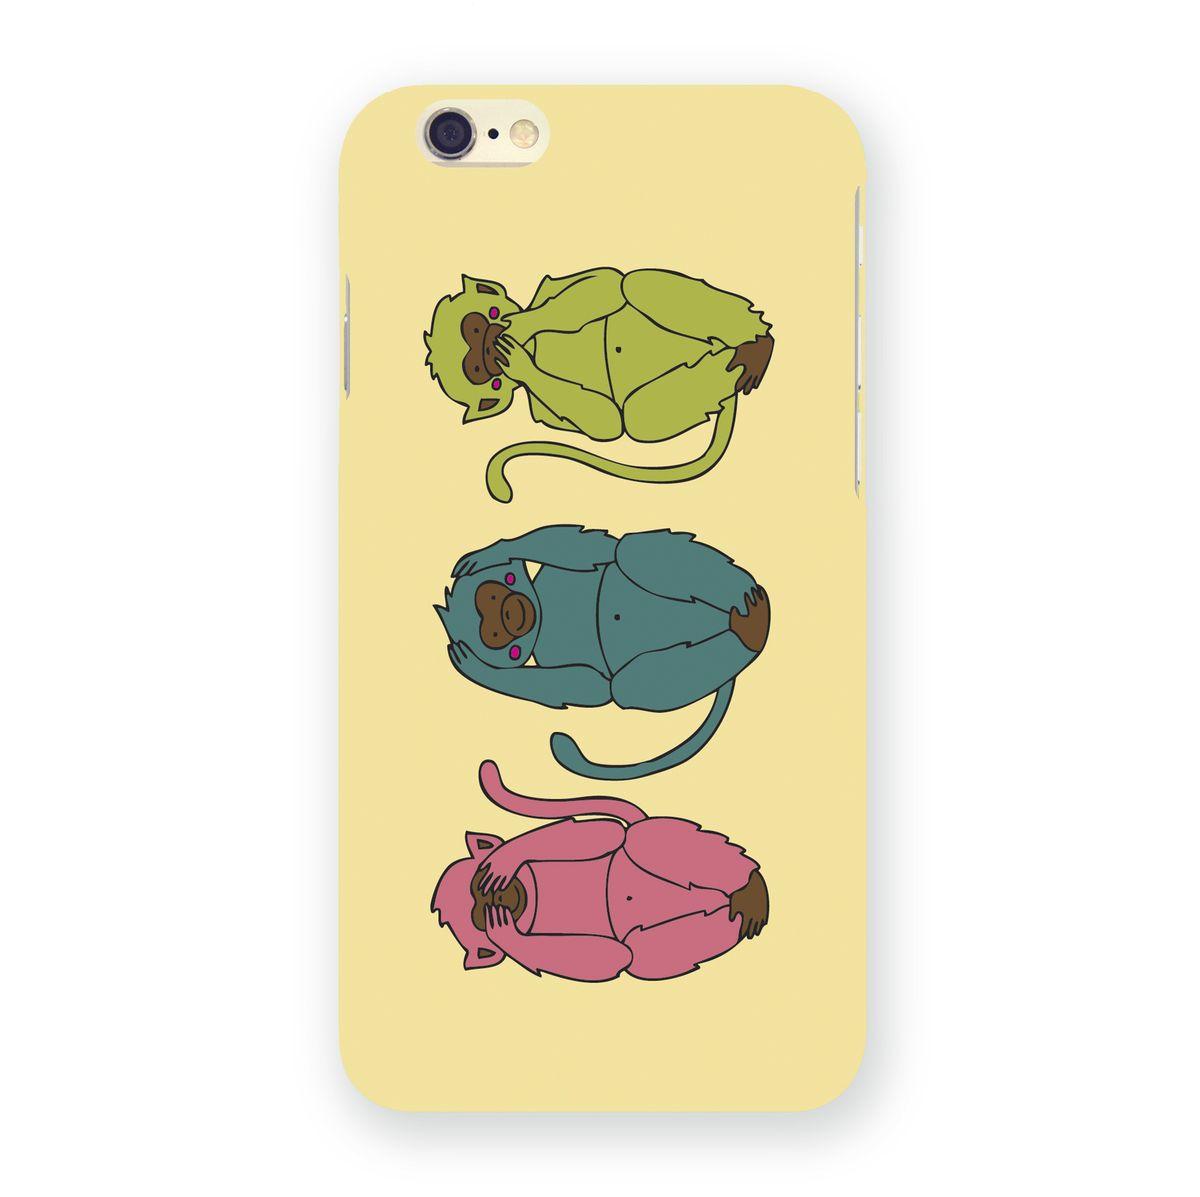 Mitya Veselkov Три мудрых обезьяны на светло-желтом чехол для Apple iPhone 6/6sIP6.МITYA-214Превосходный чехол Mitya Veselkov Три мудрых обезьяны на светло-желтом создан для любителей заметных аксессуаров. Накладка придаст вашему телефону индивидуальность и послужит прекрасной защитой от ударов и царапин. Чехол также обеспечивает свободный доступ ко всем разъемам и клавишам устройства.